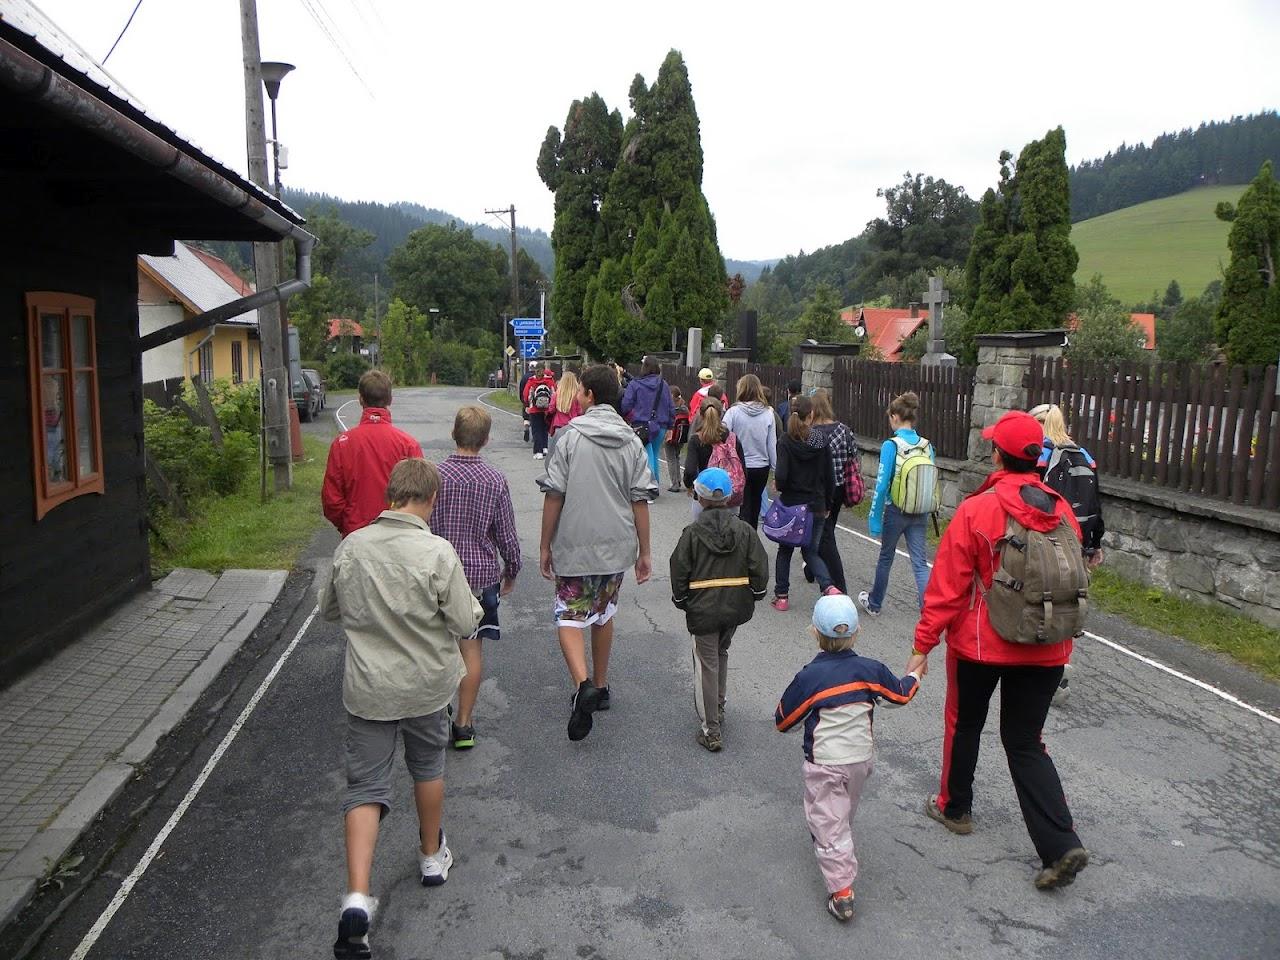 Tábor - Veľké Karlovice - fotka 113.JPG